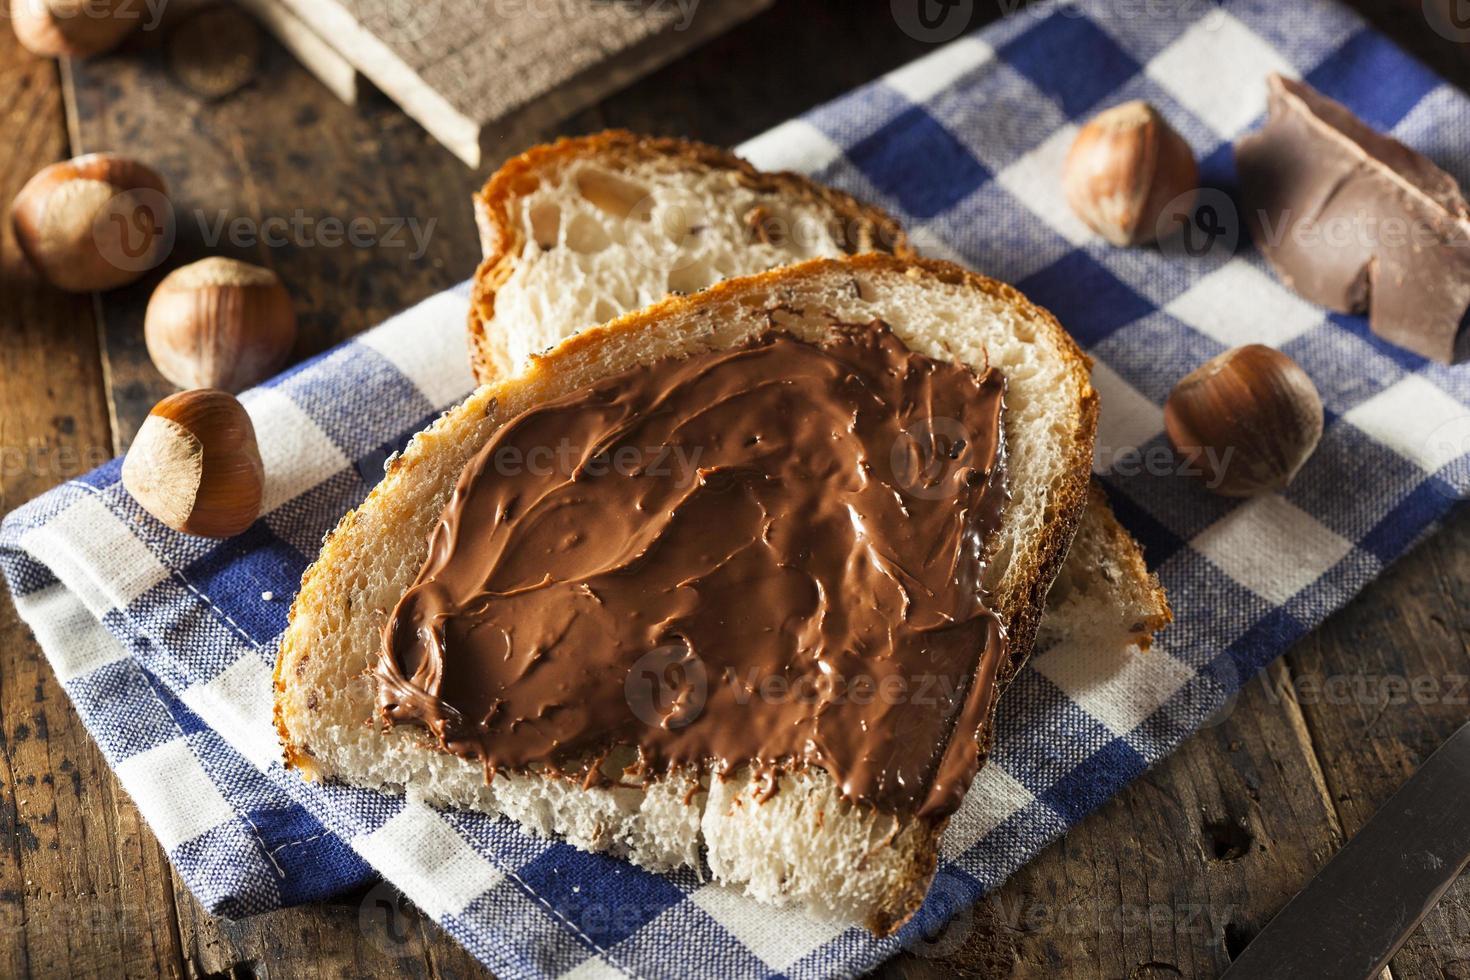 tartinade de noisettes au chocolat maison photo